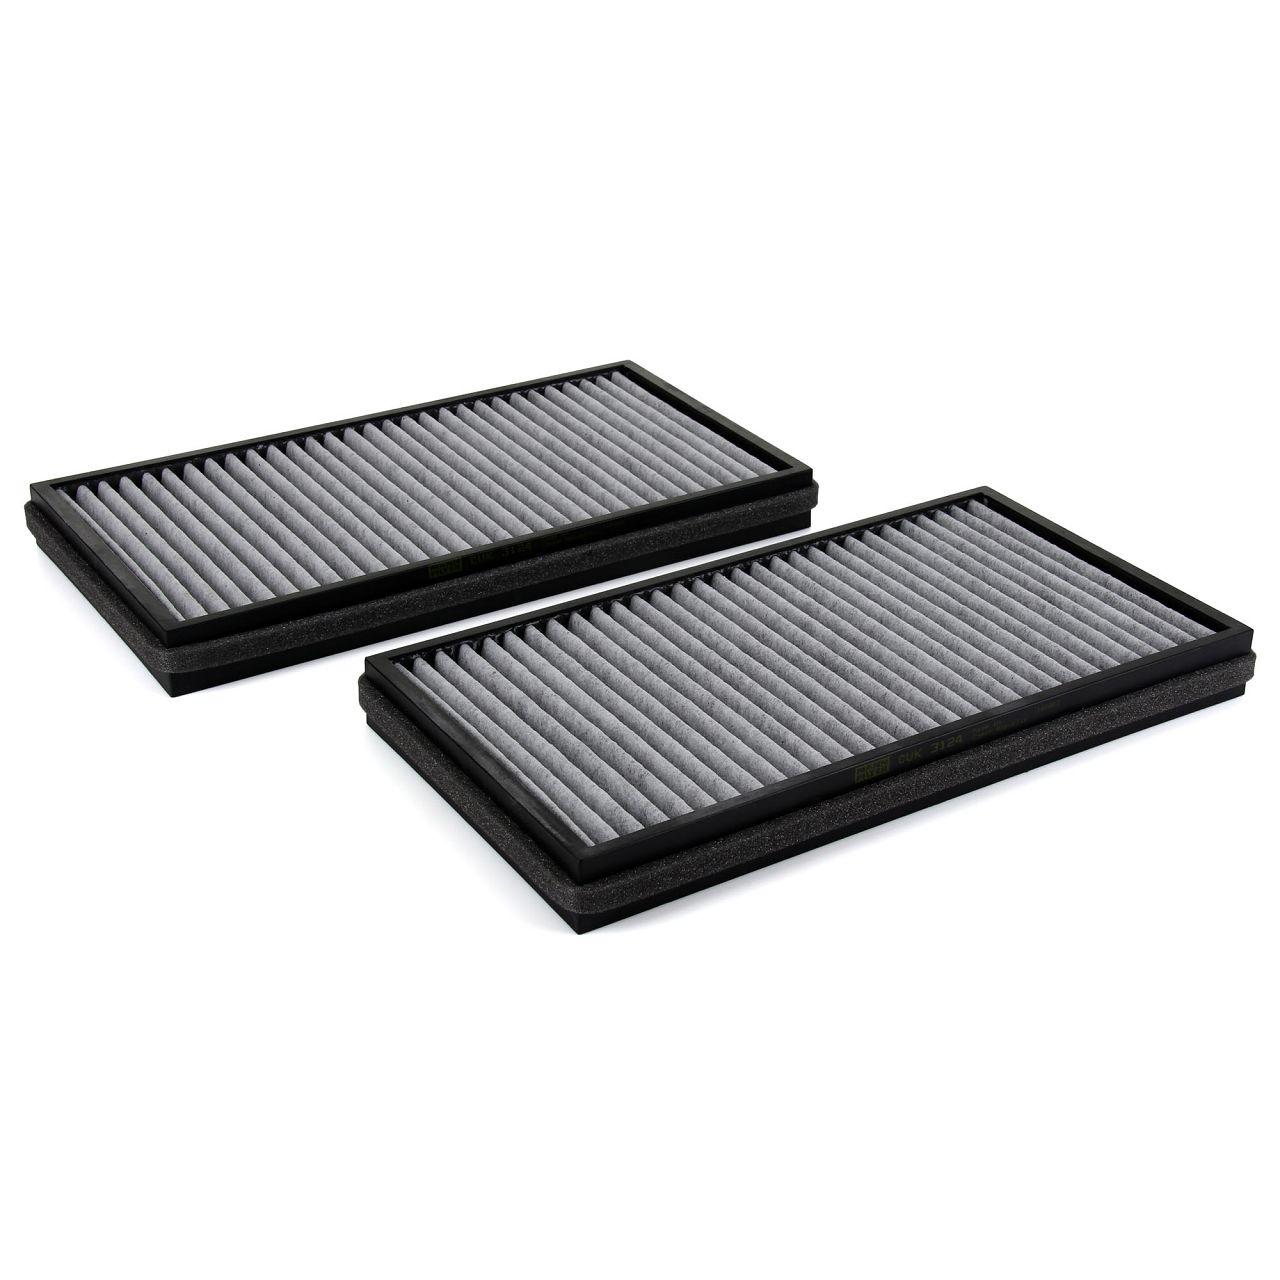 MANN Inspektionskit Filterpaket Filterset für BMW 7er E65 E66 E67 730i 231 PS